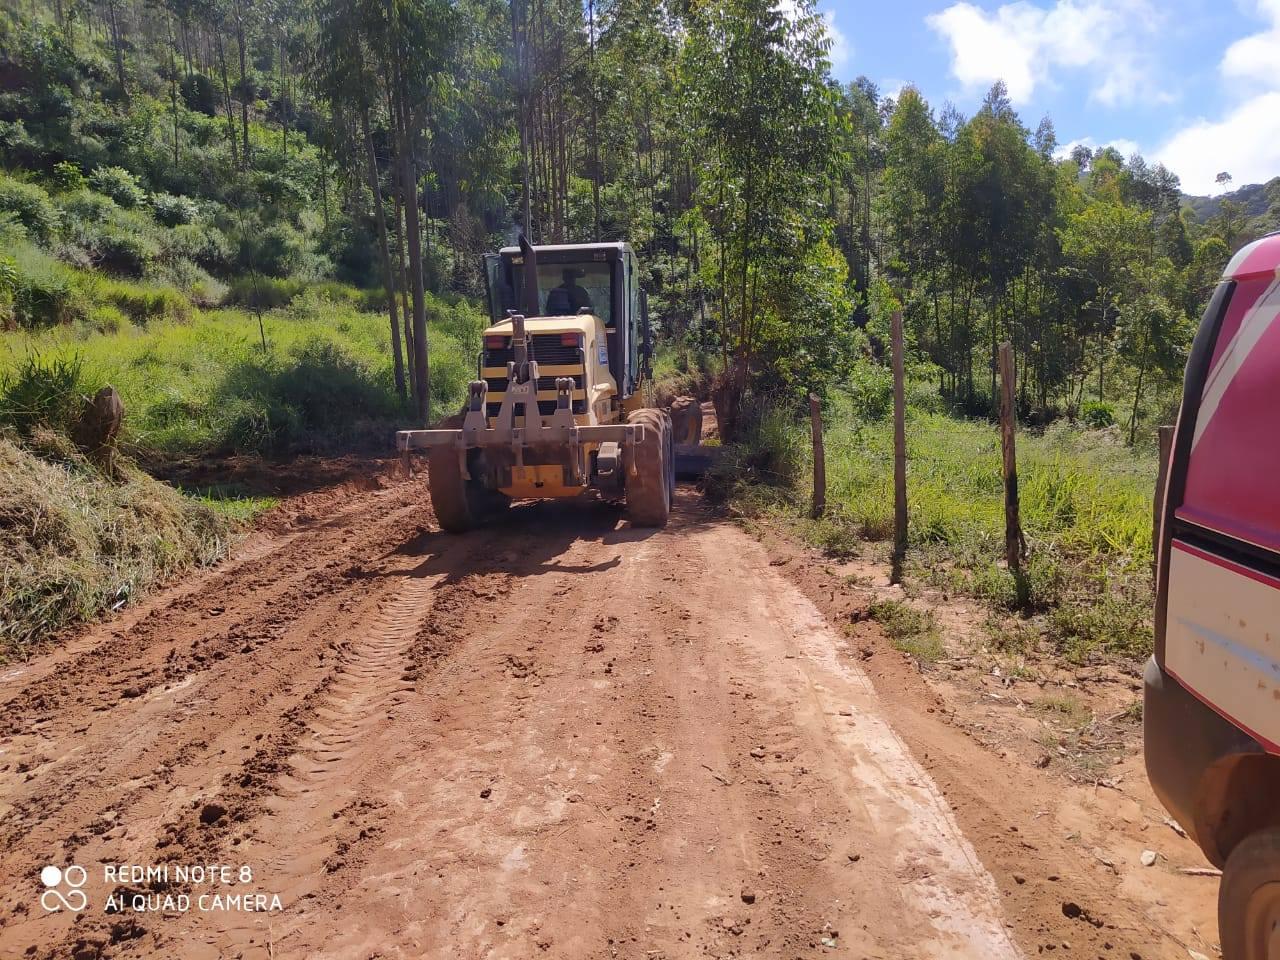 Melhorias nas estradas rurais!